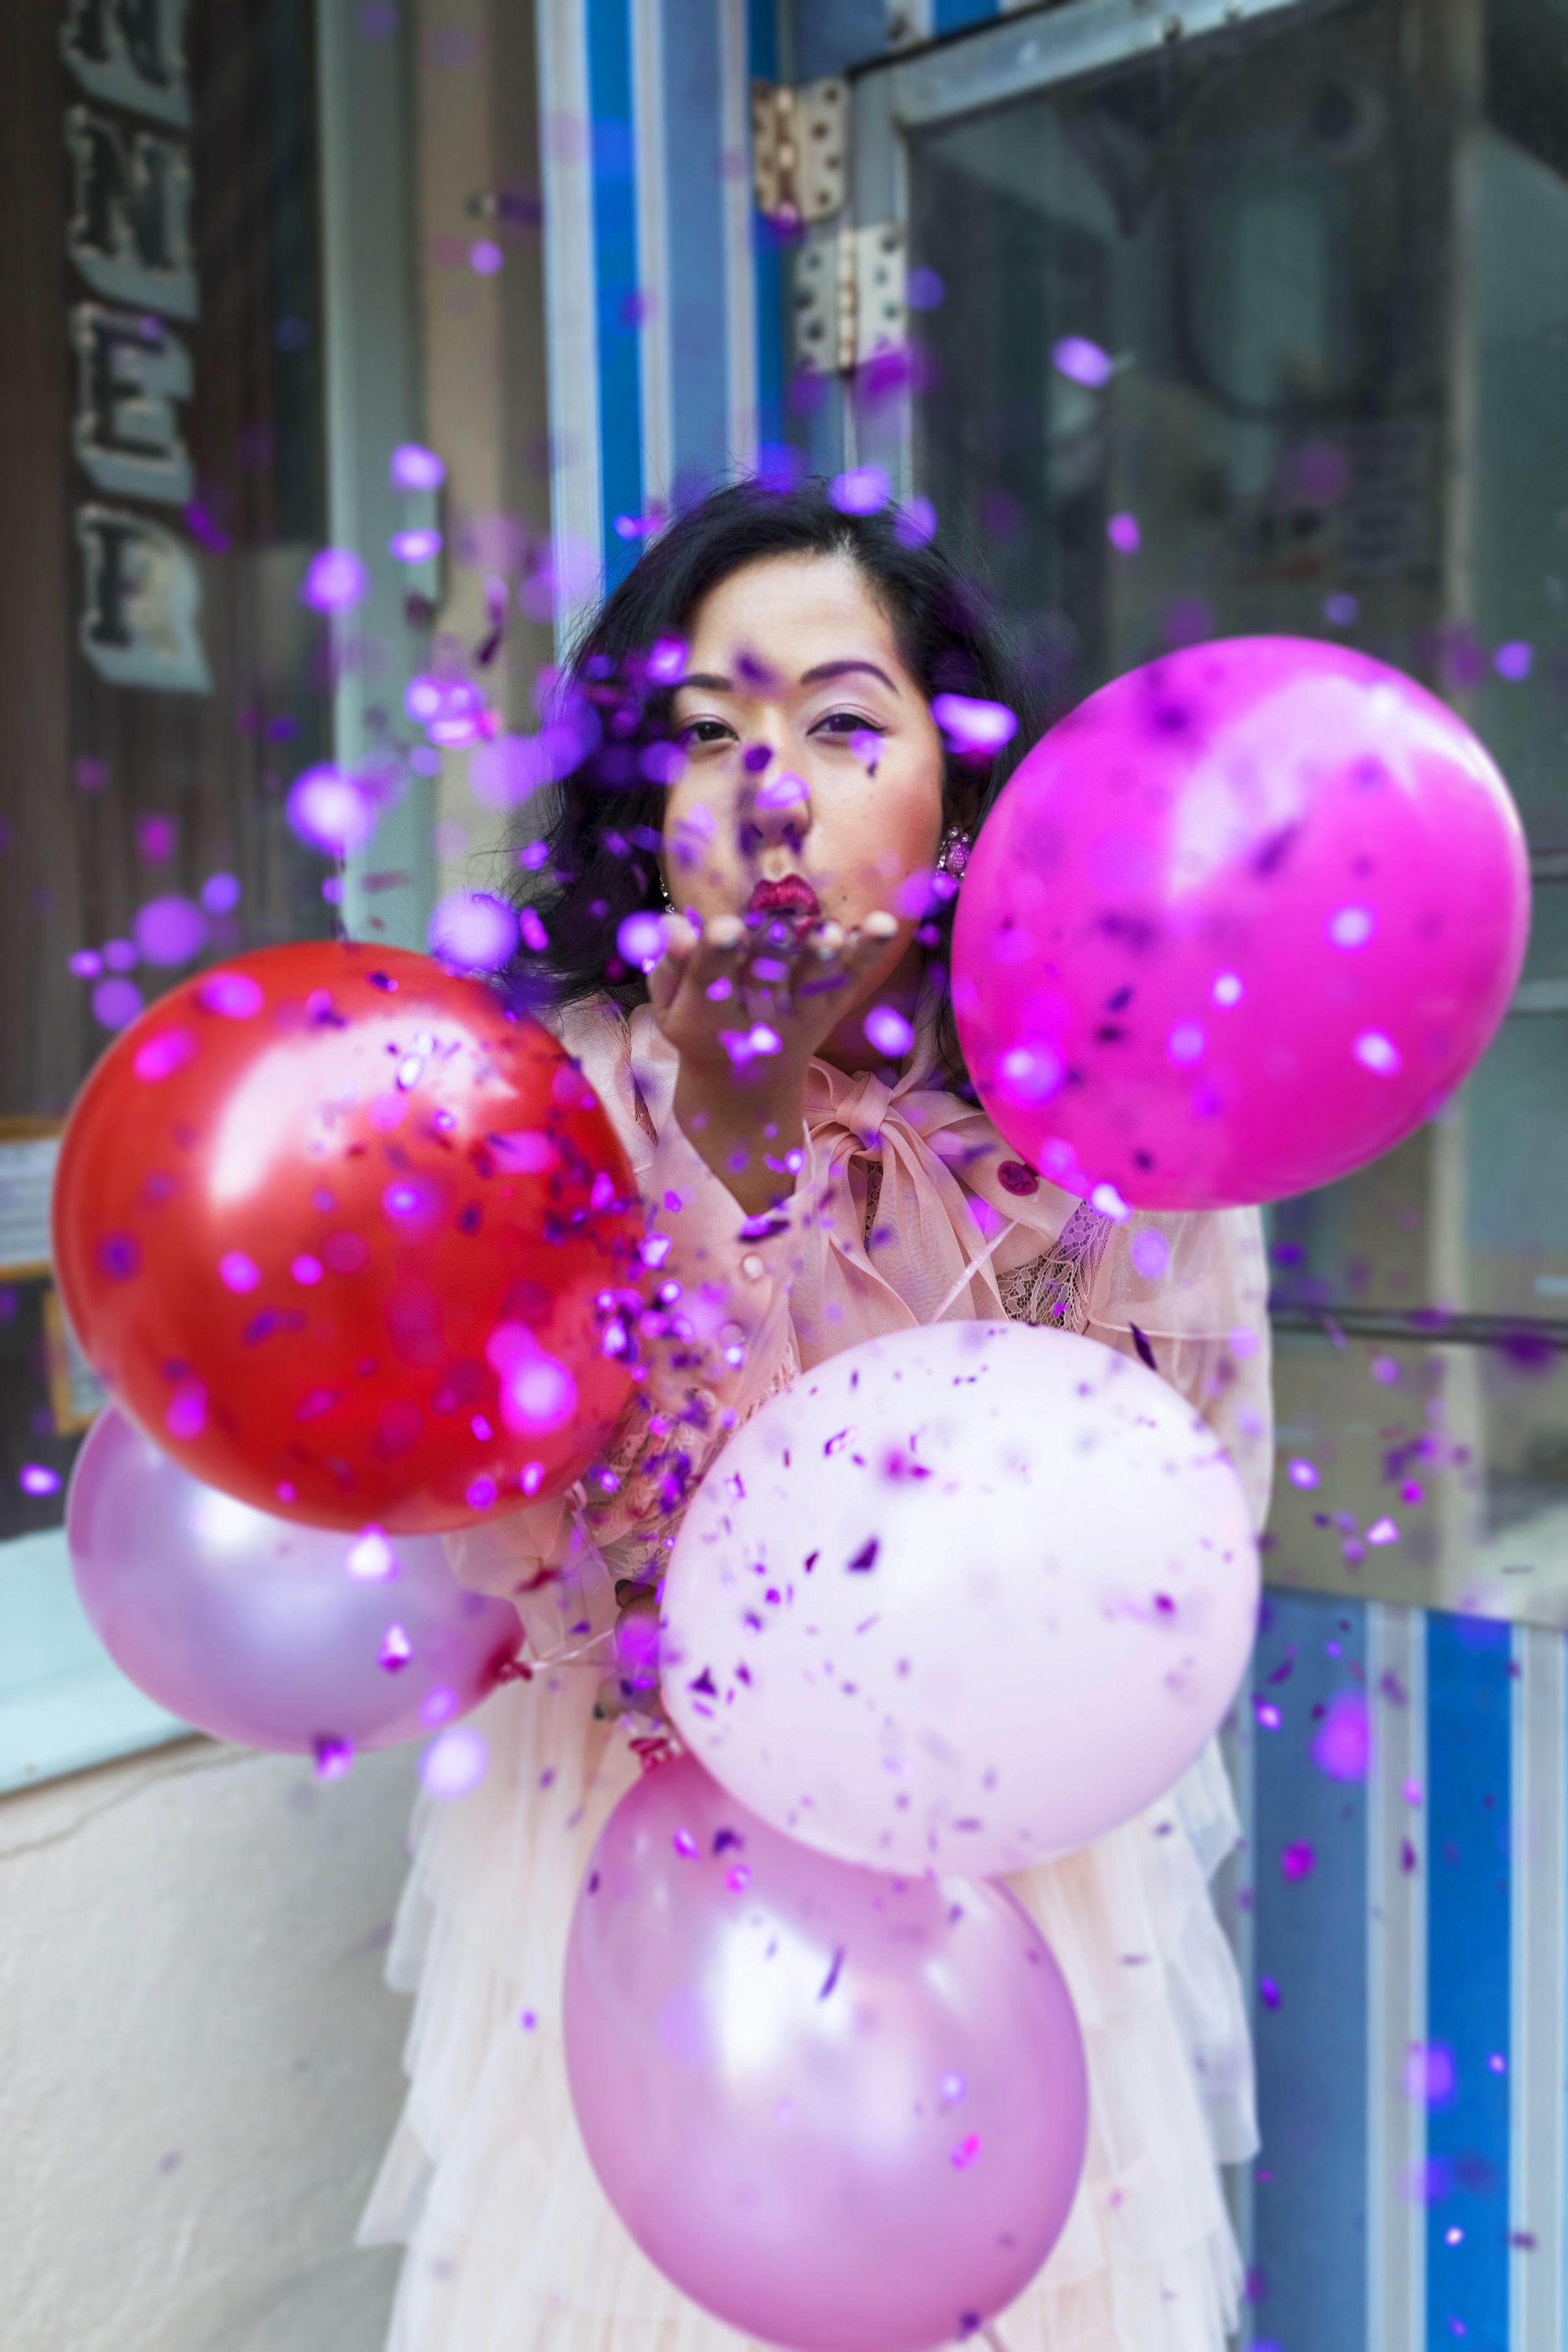 Krity S x Birthday9.jpg